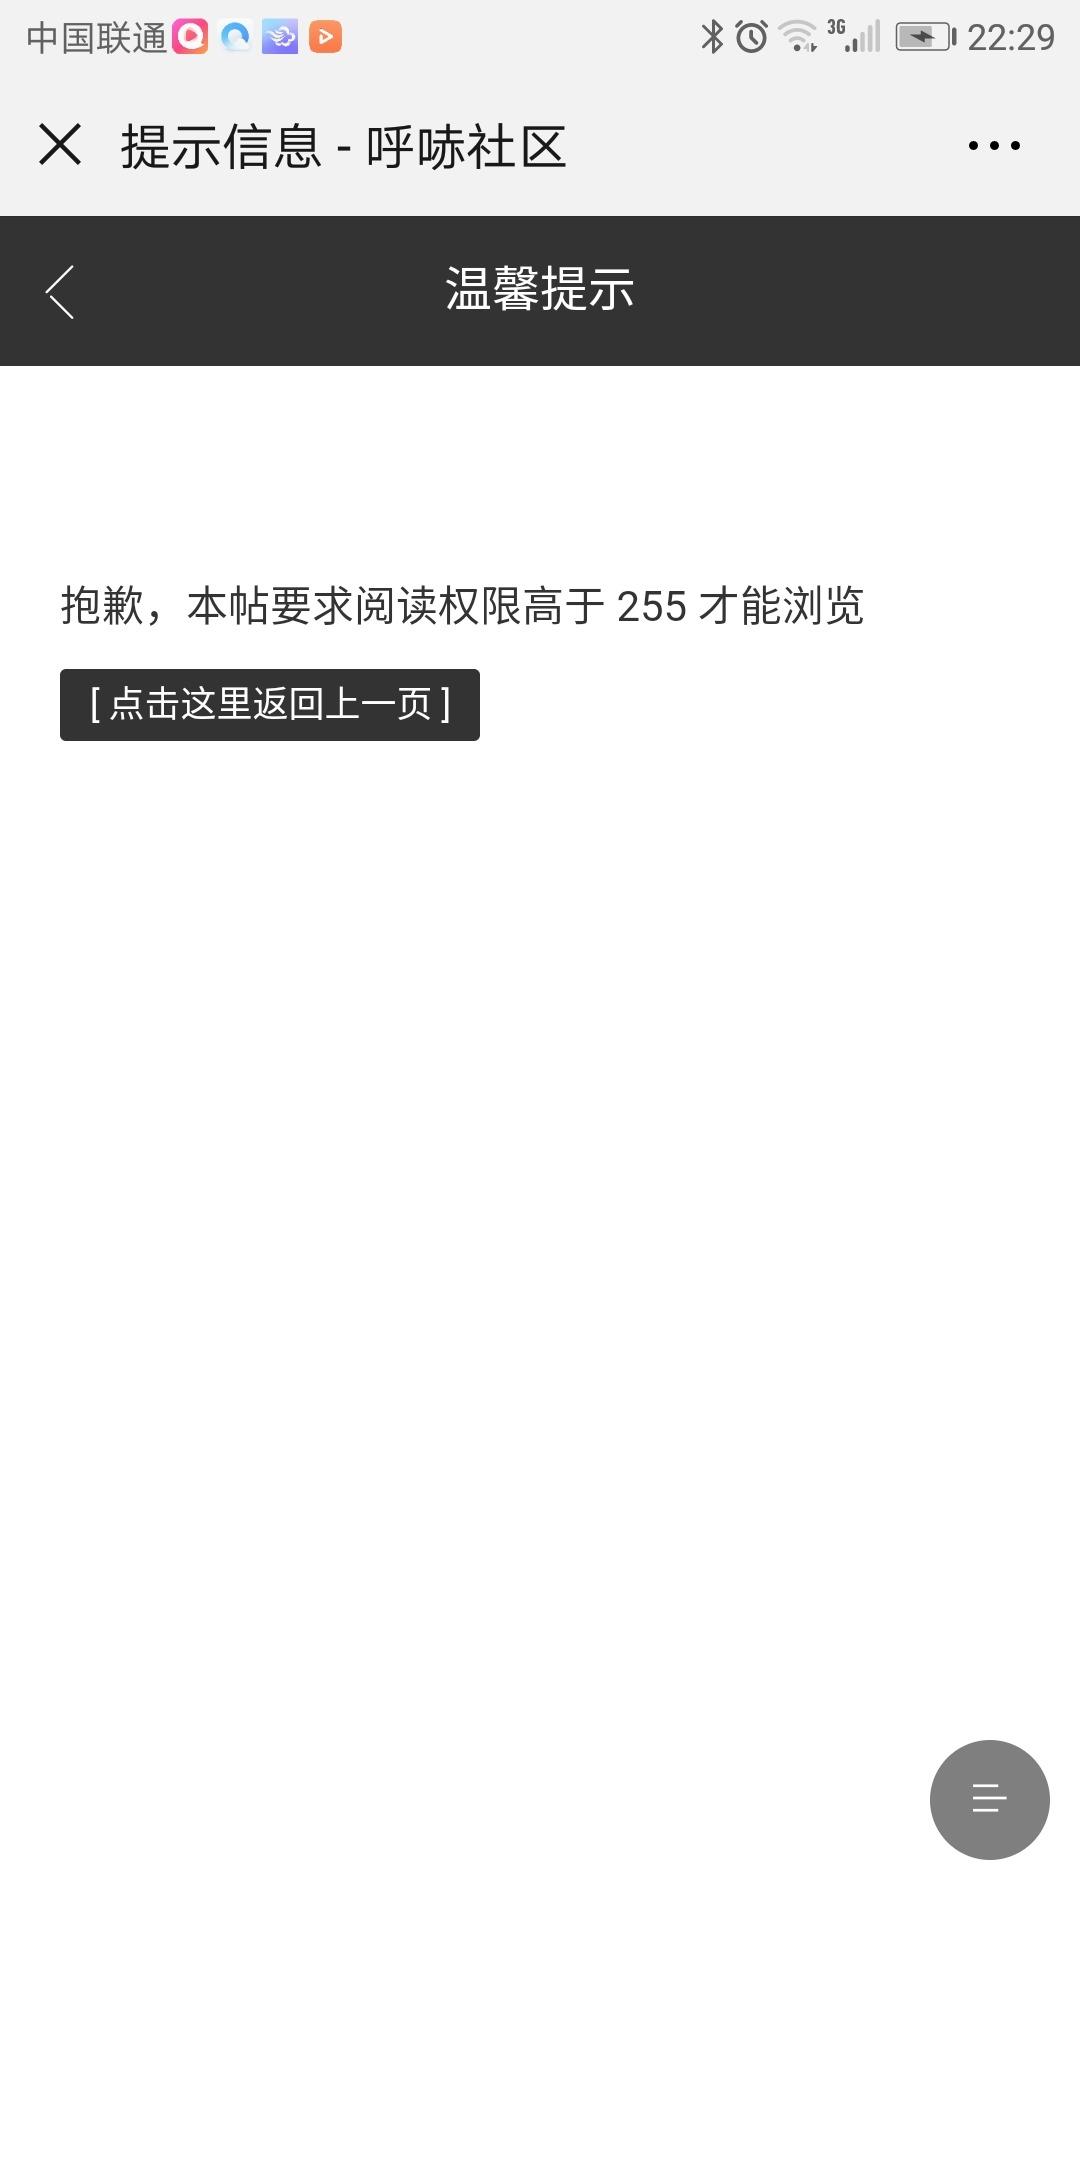 Screenshot_20190401-222919.jpg